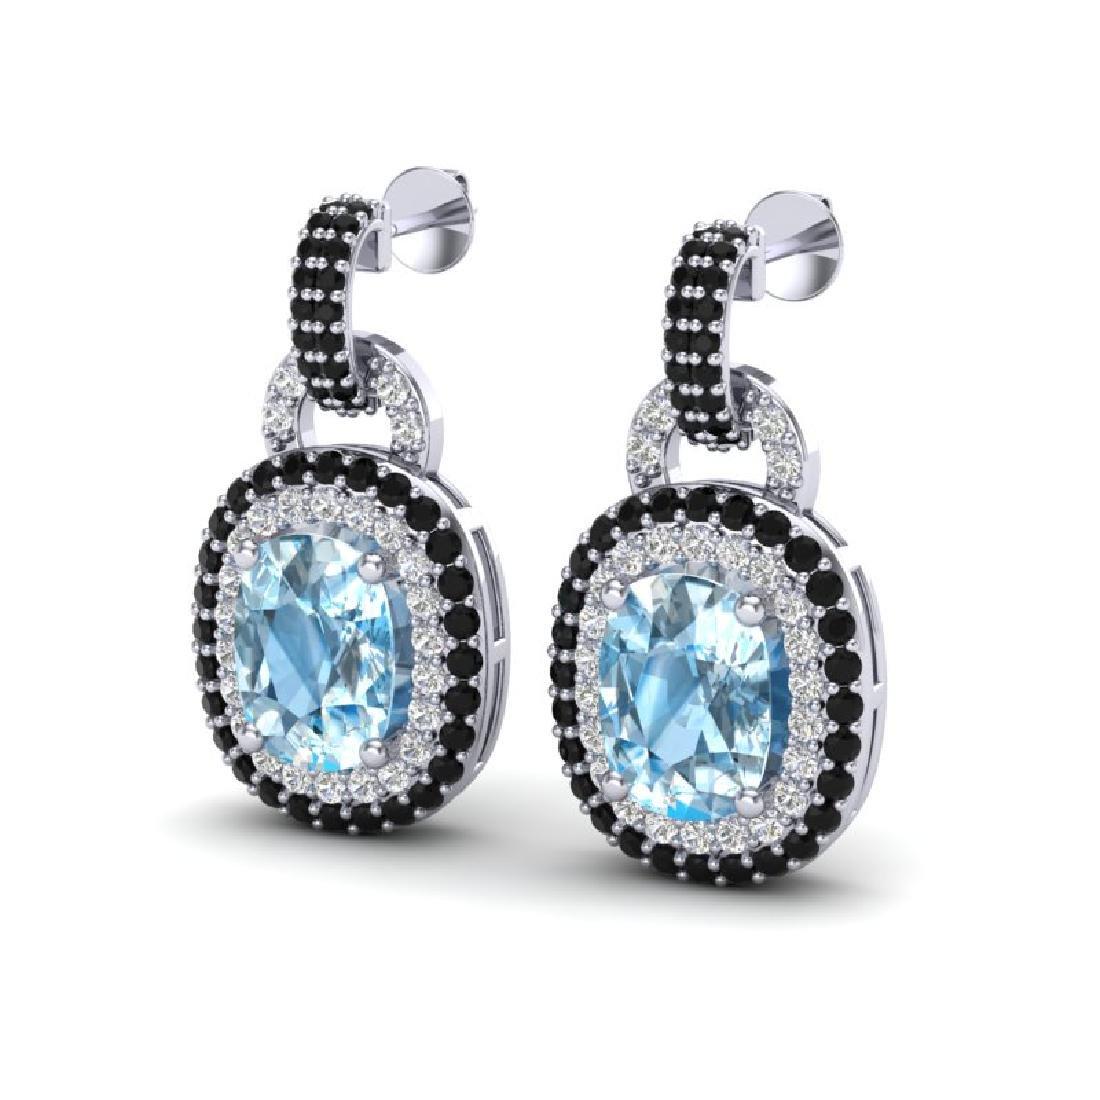 5 CTW Sky Blue Topaz With Black & Micro VS/SI Diamond